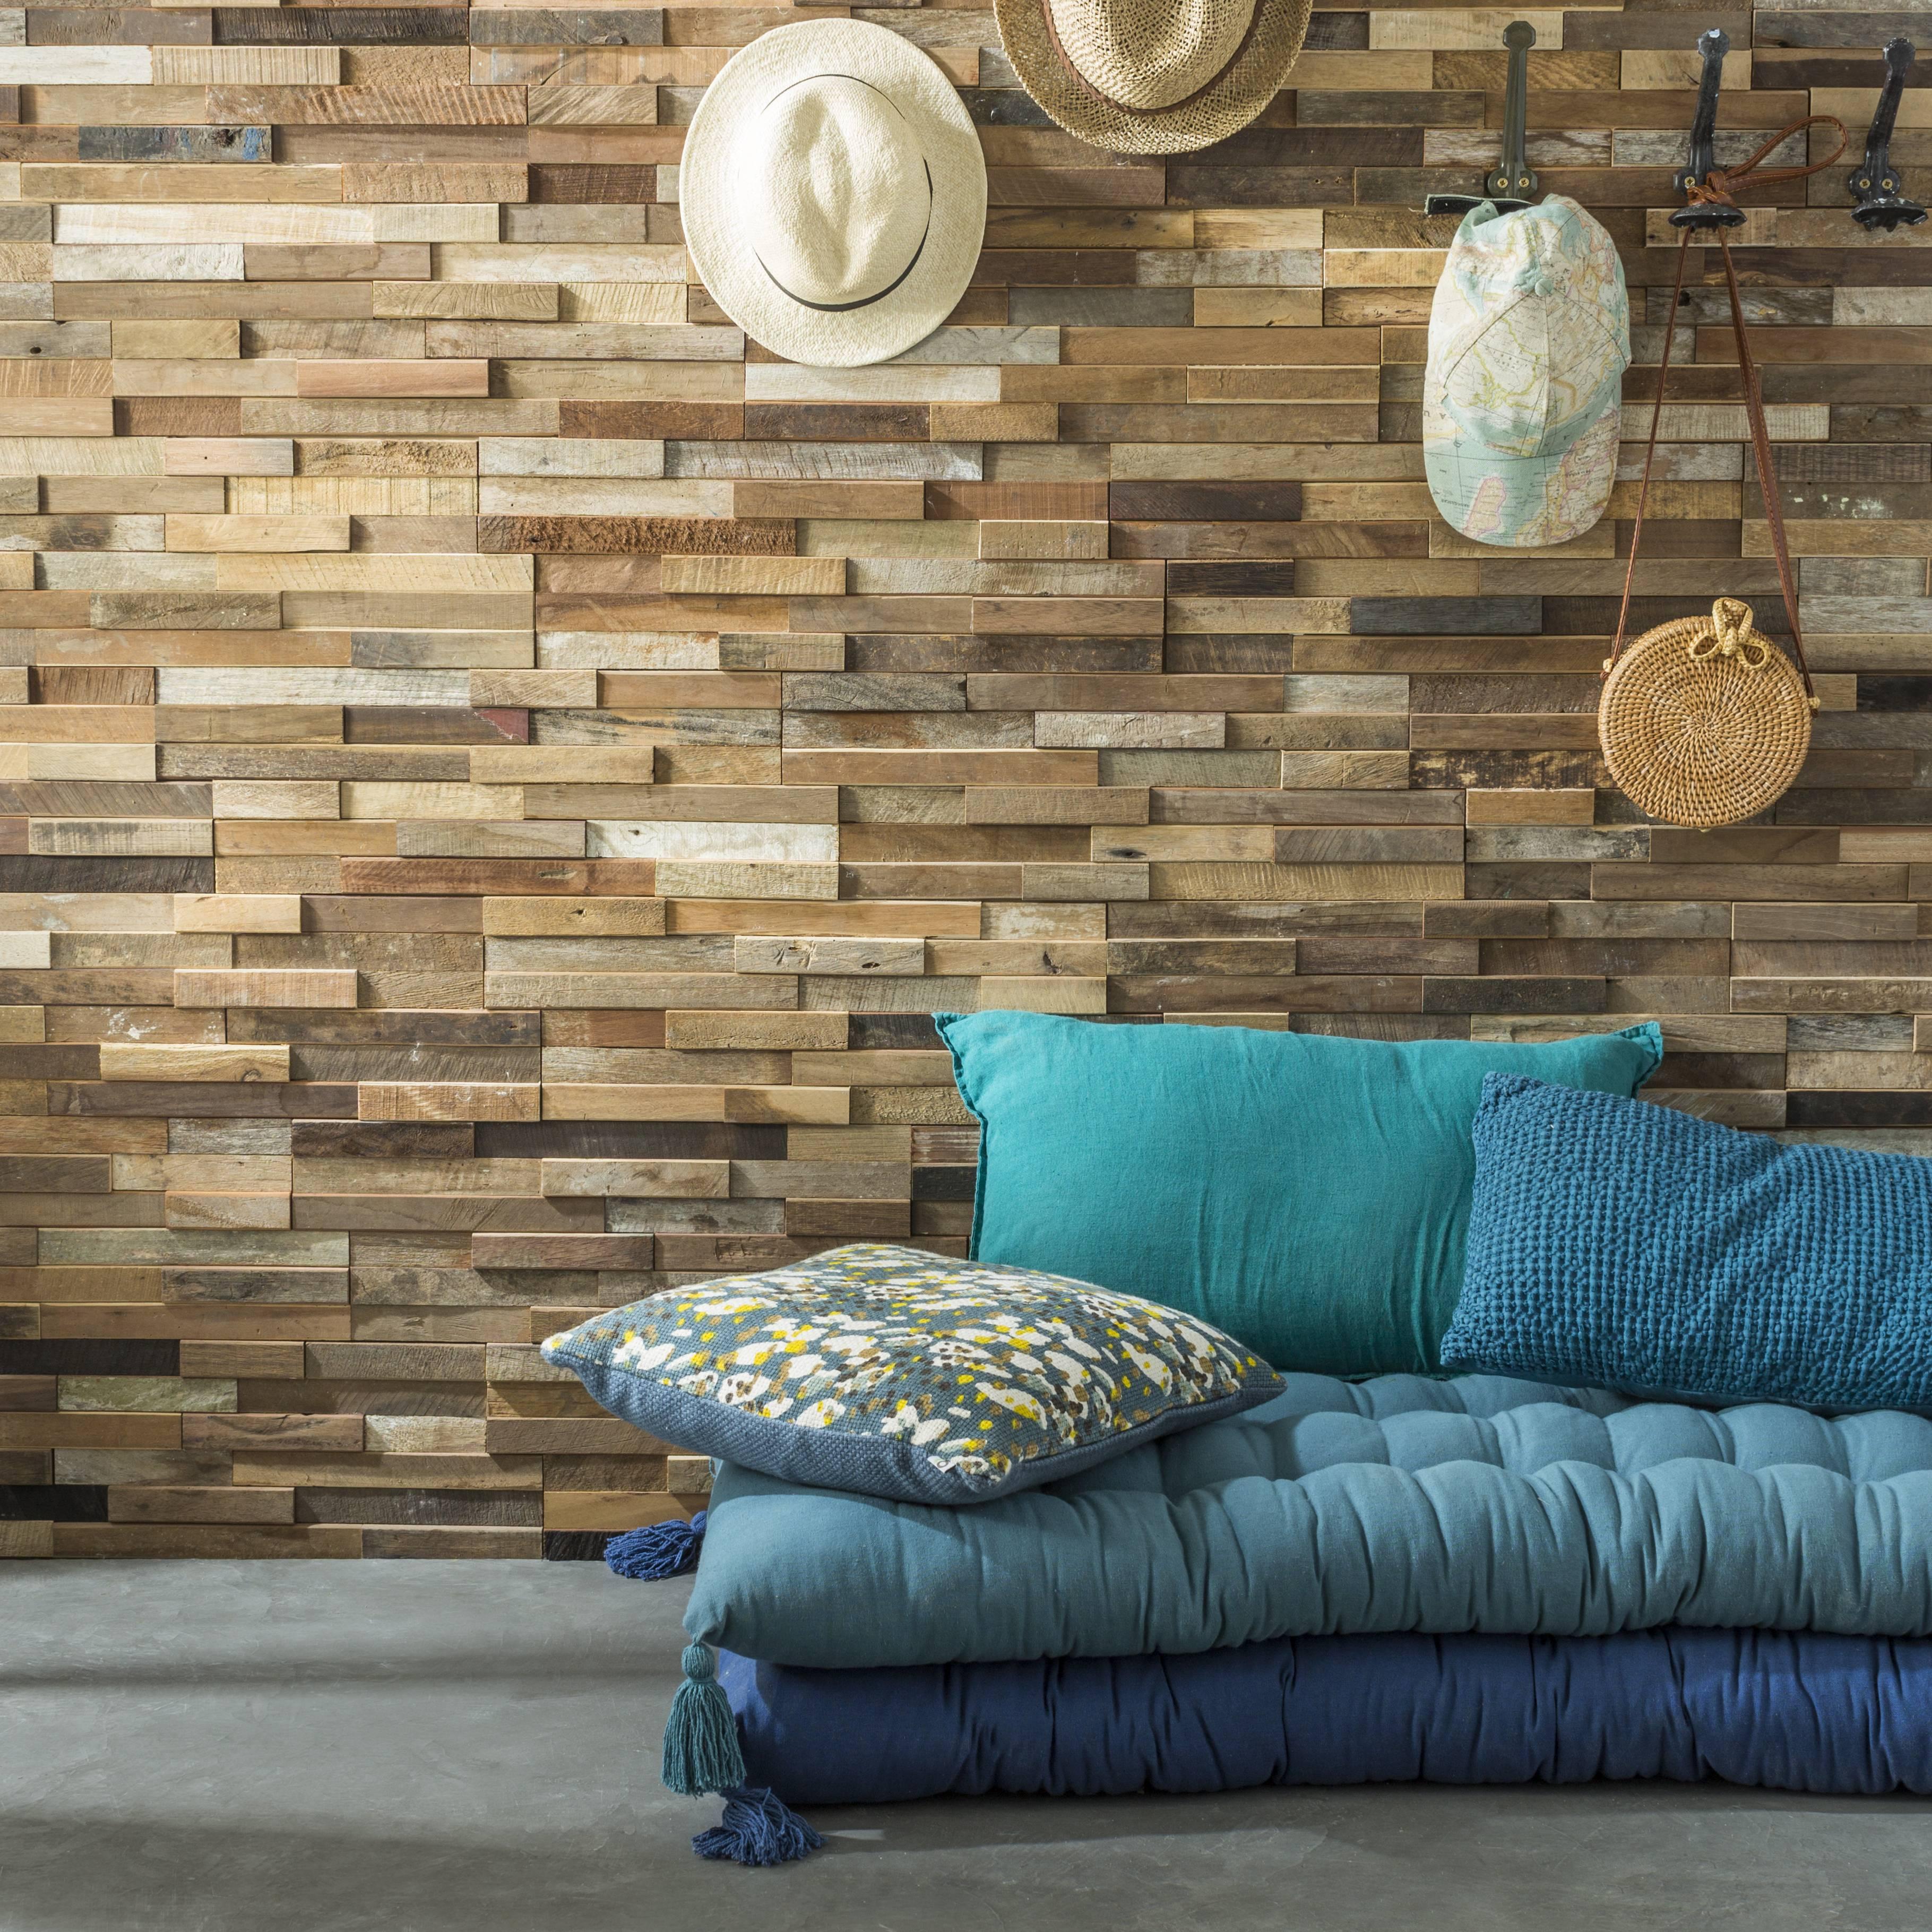 Parement mural en bois de bateau recyclé brut